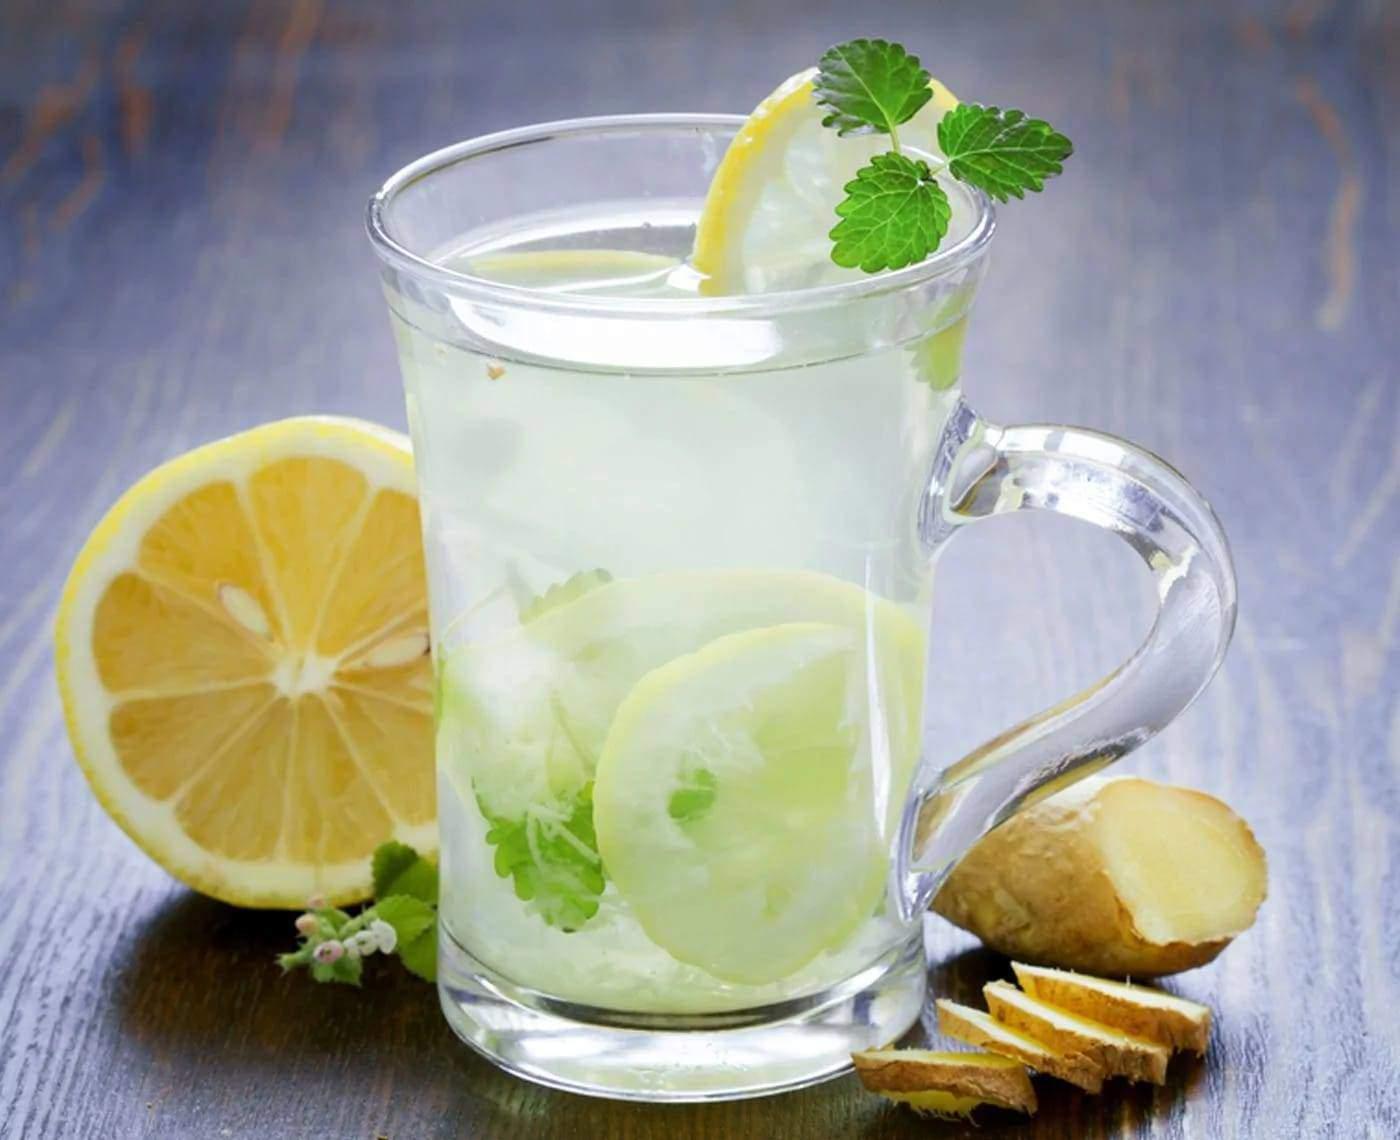 Uống nước chanh muối không chỉ giúp giảm béo mặt, vừa giảm mỡ toàn thân rất hiệu quả